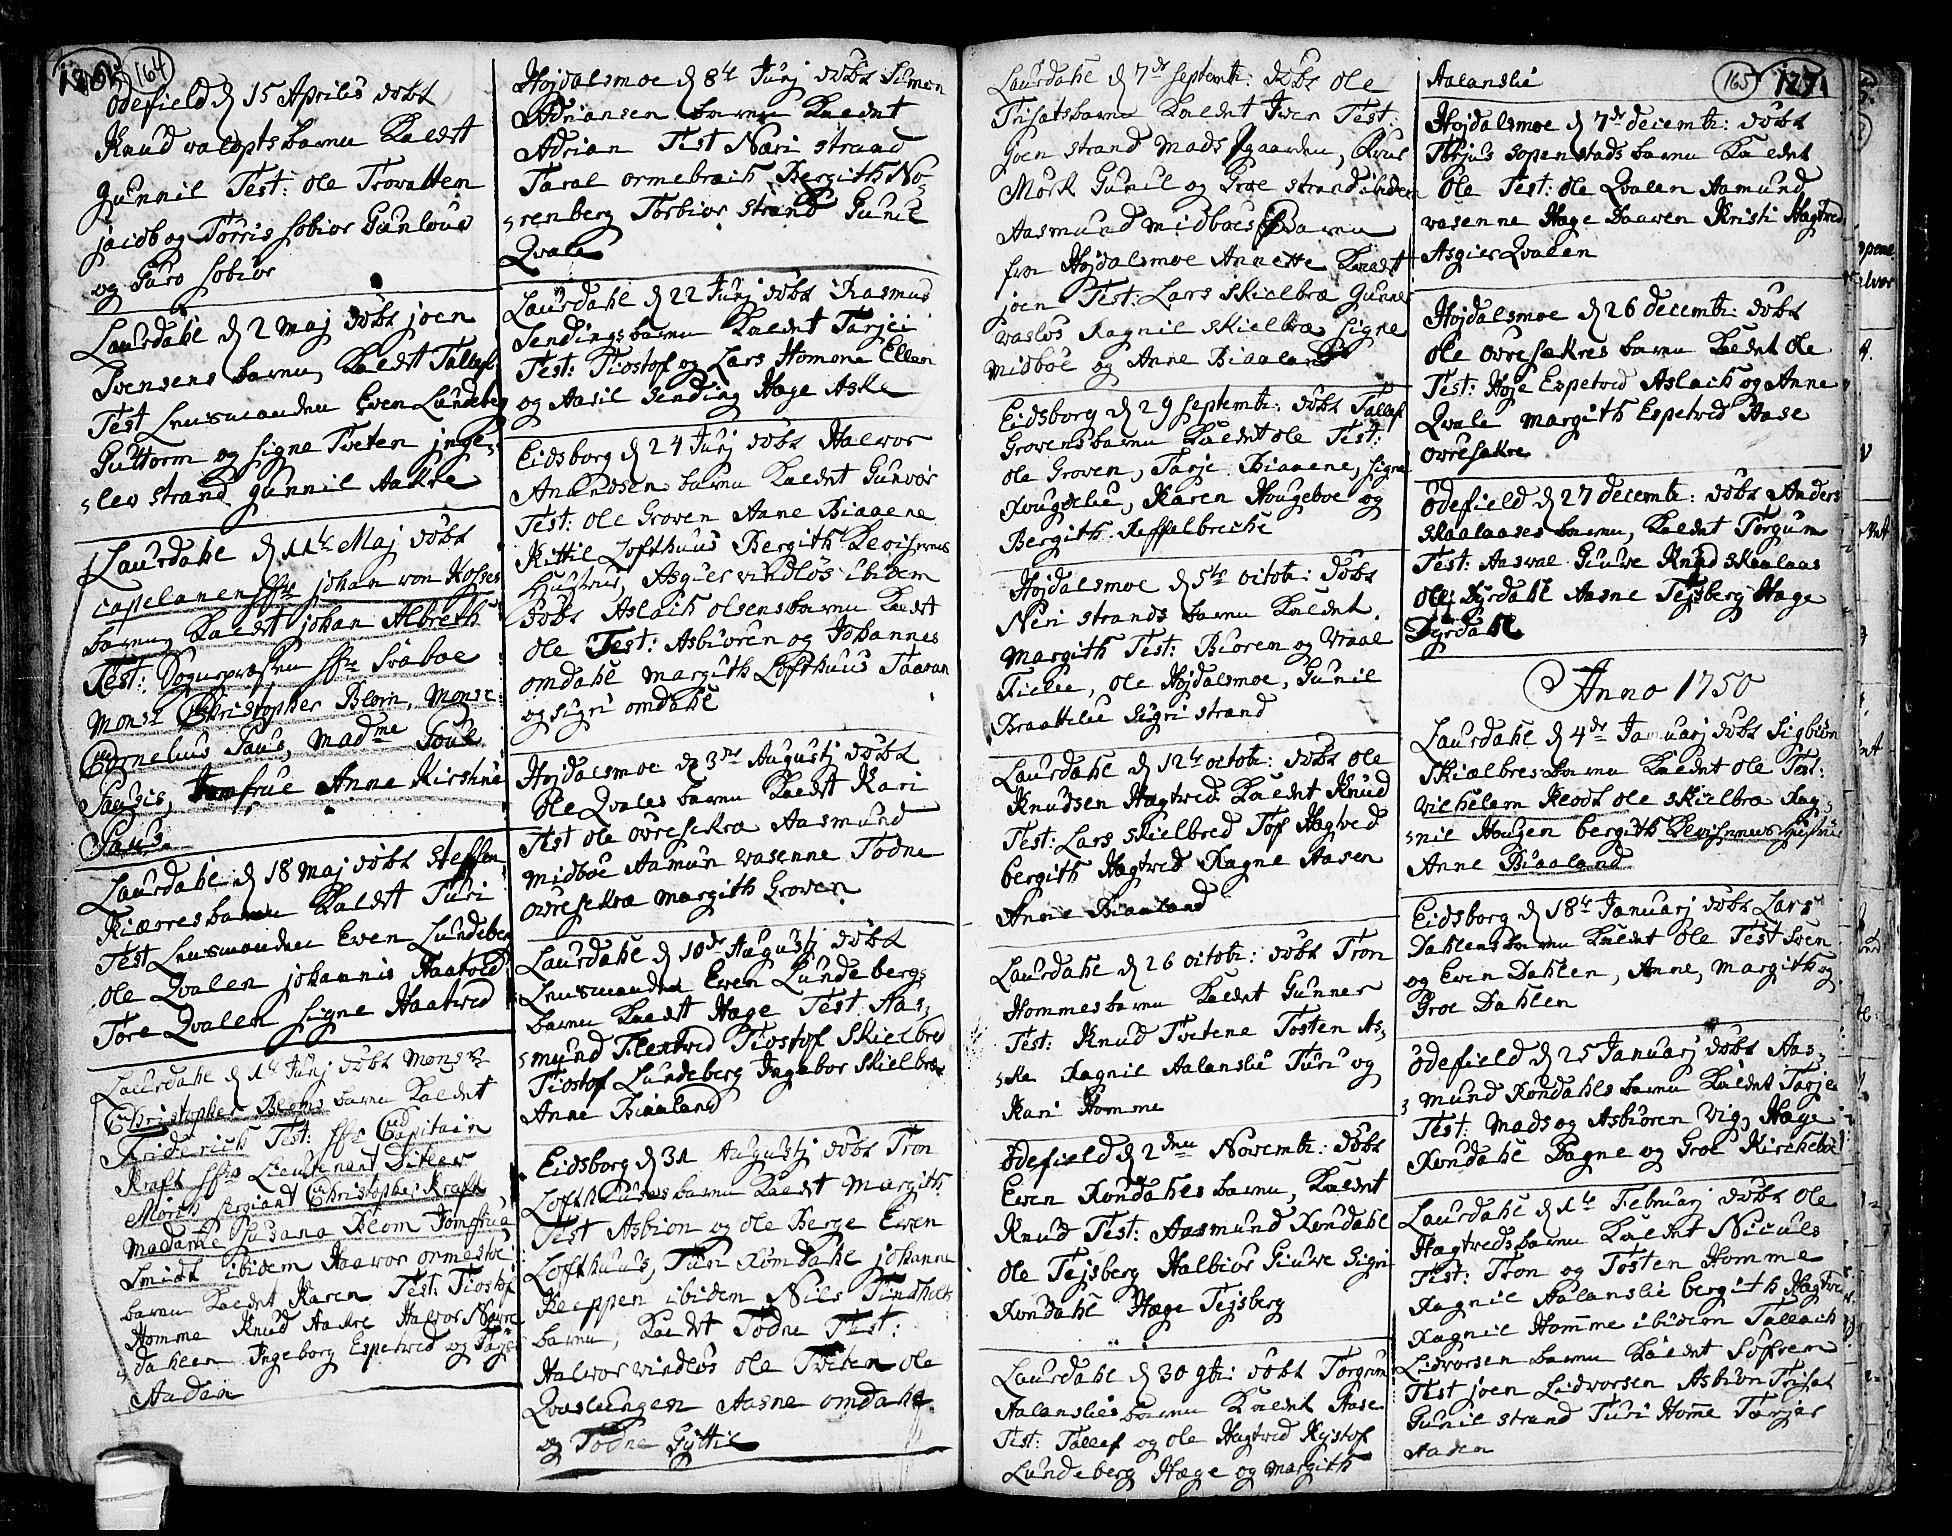 SAKO, Lårdal kirkebøker, F/Fa/L0002: Ministerialbok nr. I 2, 1734-1754, s. 164-165